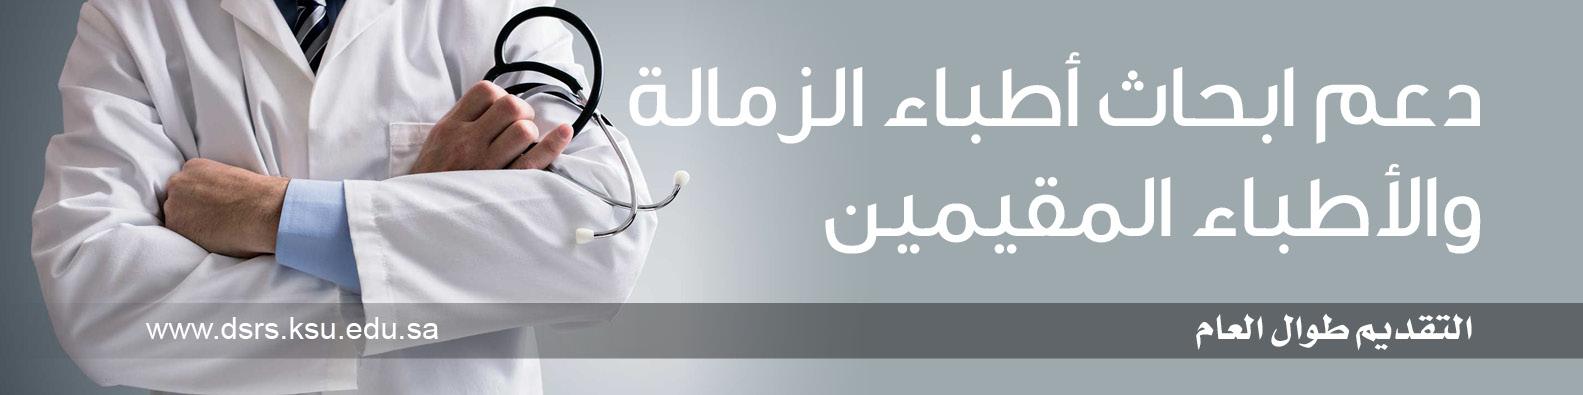 دعم ابحاث أطباء الزمالة... -